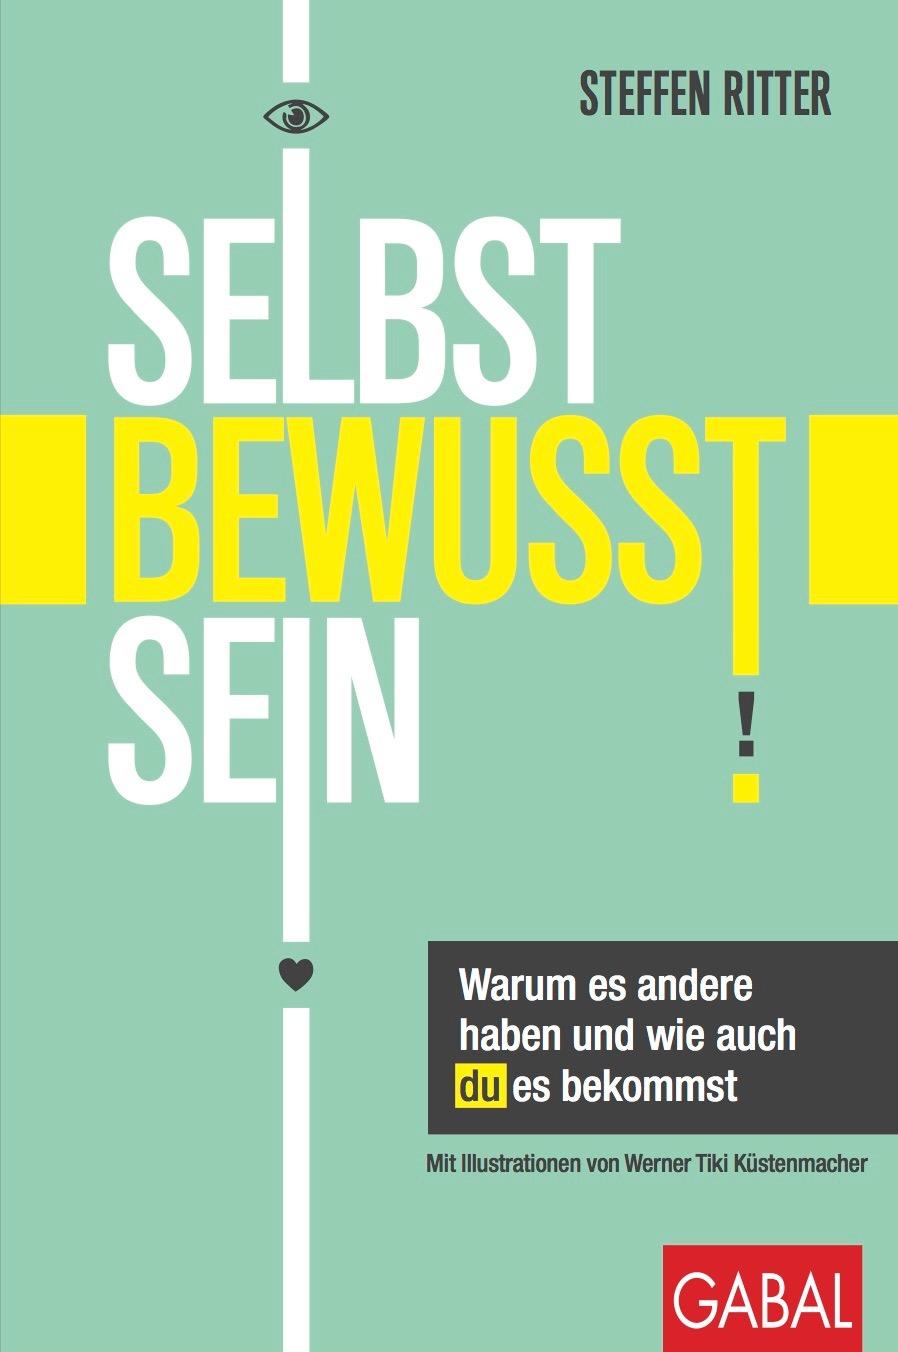 Selbstbewusstsein, Steffen Ritter